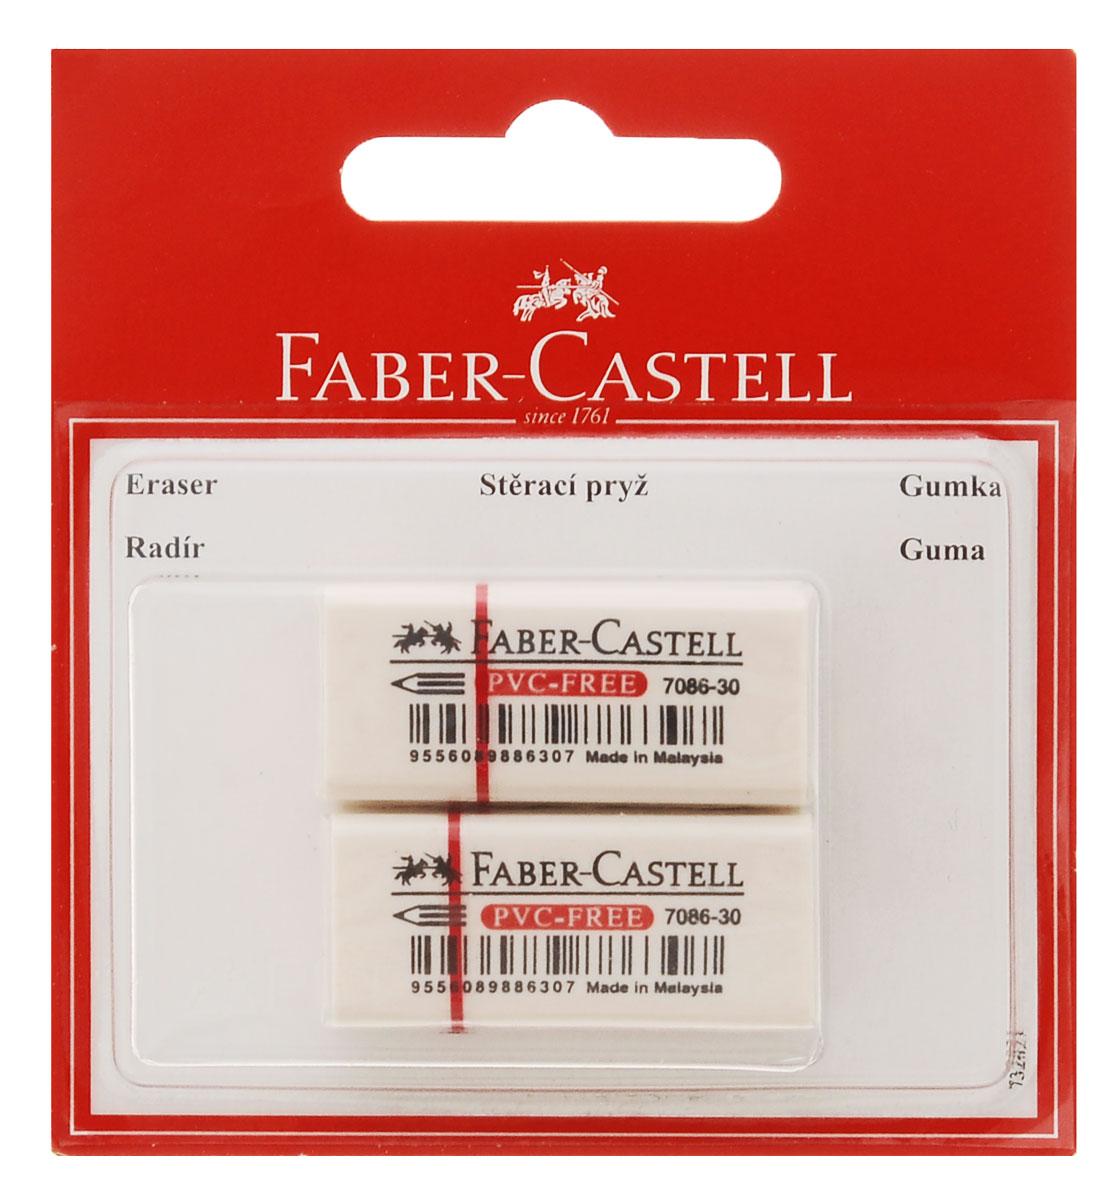 Faber-Castell Ластик виниловый 2 шт263224Ластик Faber-Castell из термопластического материала в белой защитной упаковке, не содержит ПВХ, пригоден для графитных простых и цветных карандашей. Размеры ластика: 4 см х 2 см х 1 см. В комплекте 2 ластика.